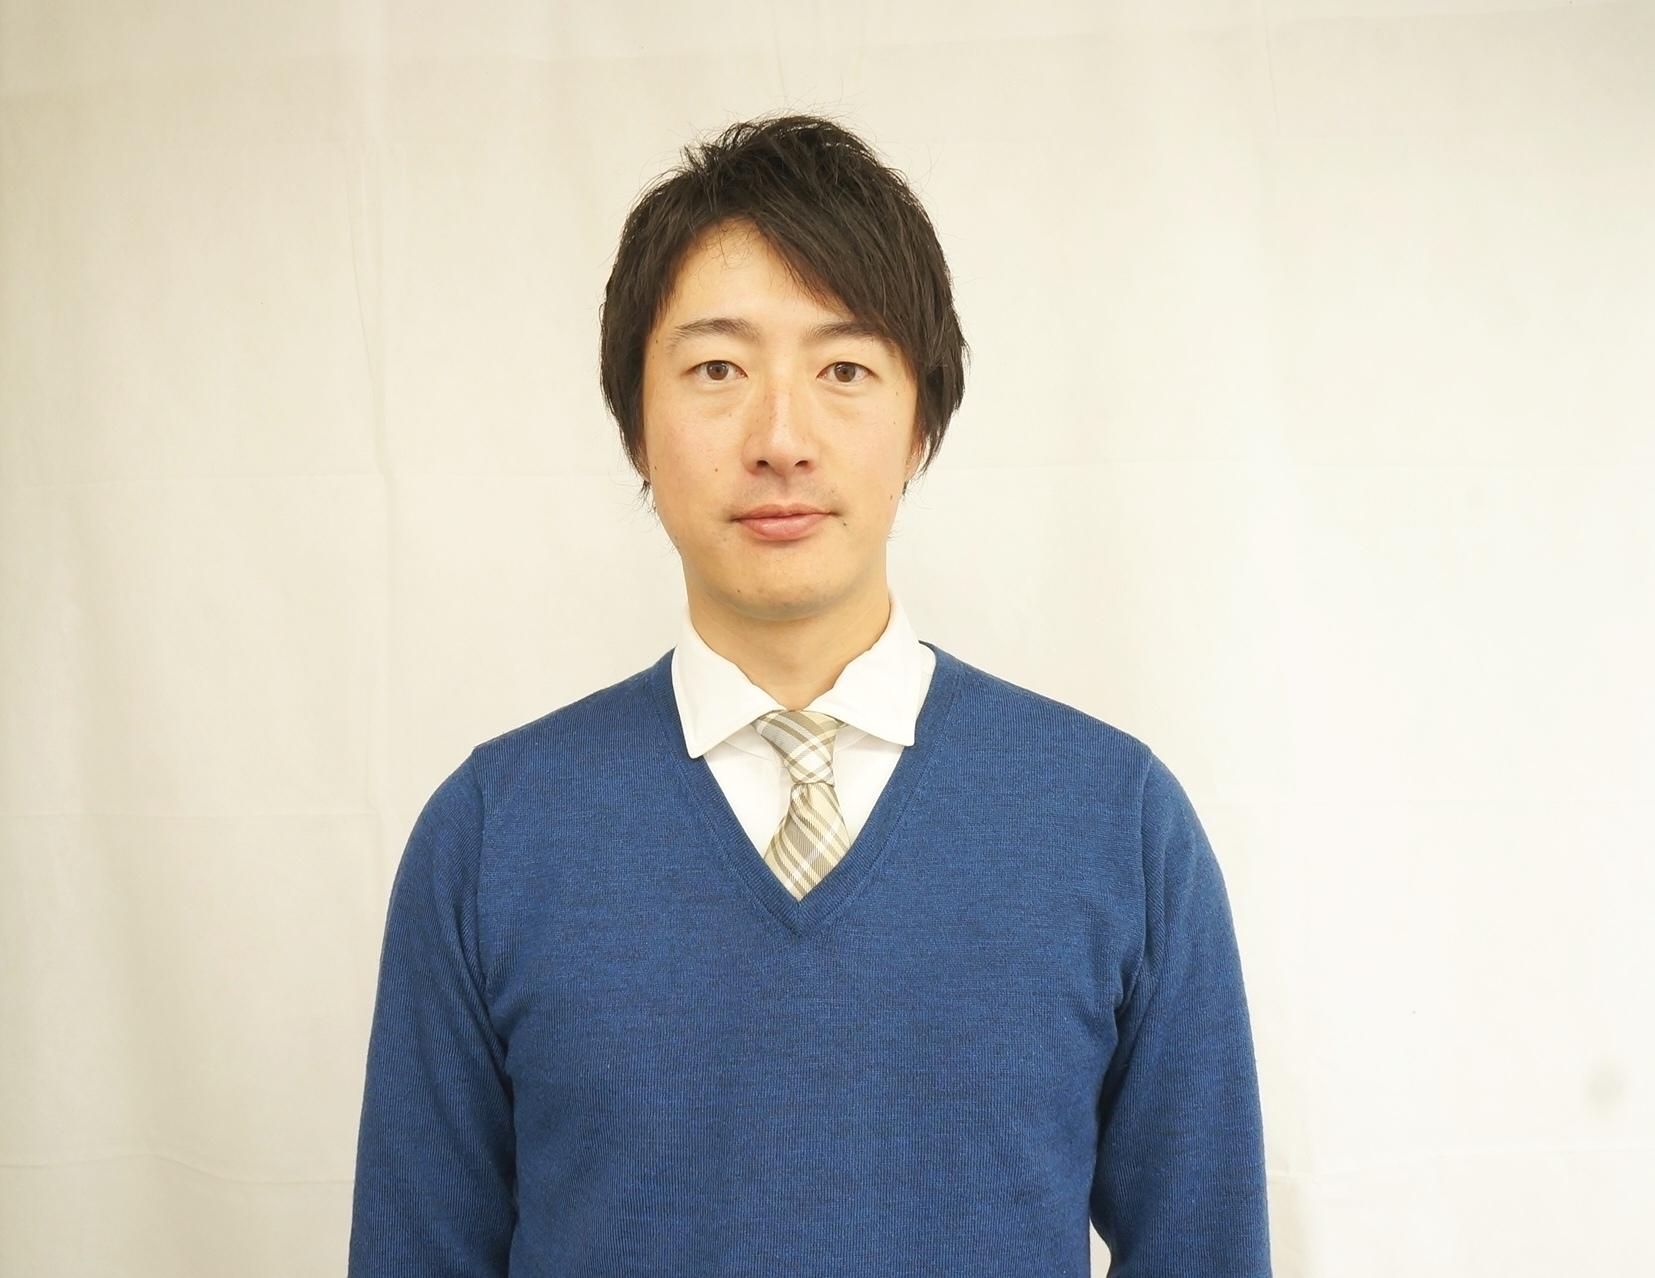 【設計担当】川田 公平 【現場日記担当】渡部 芳奈